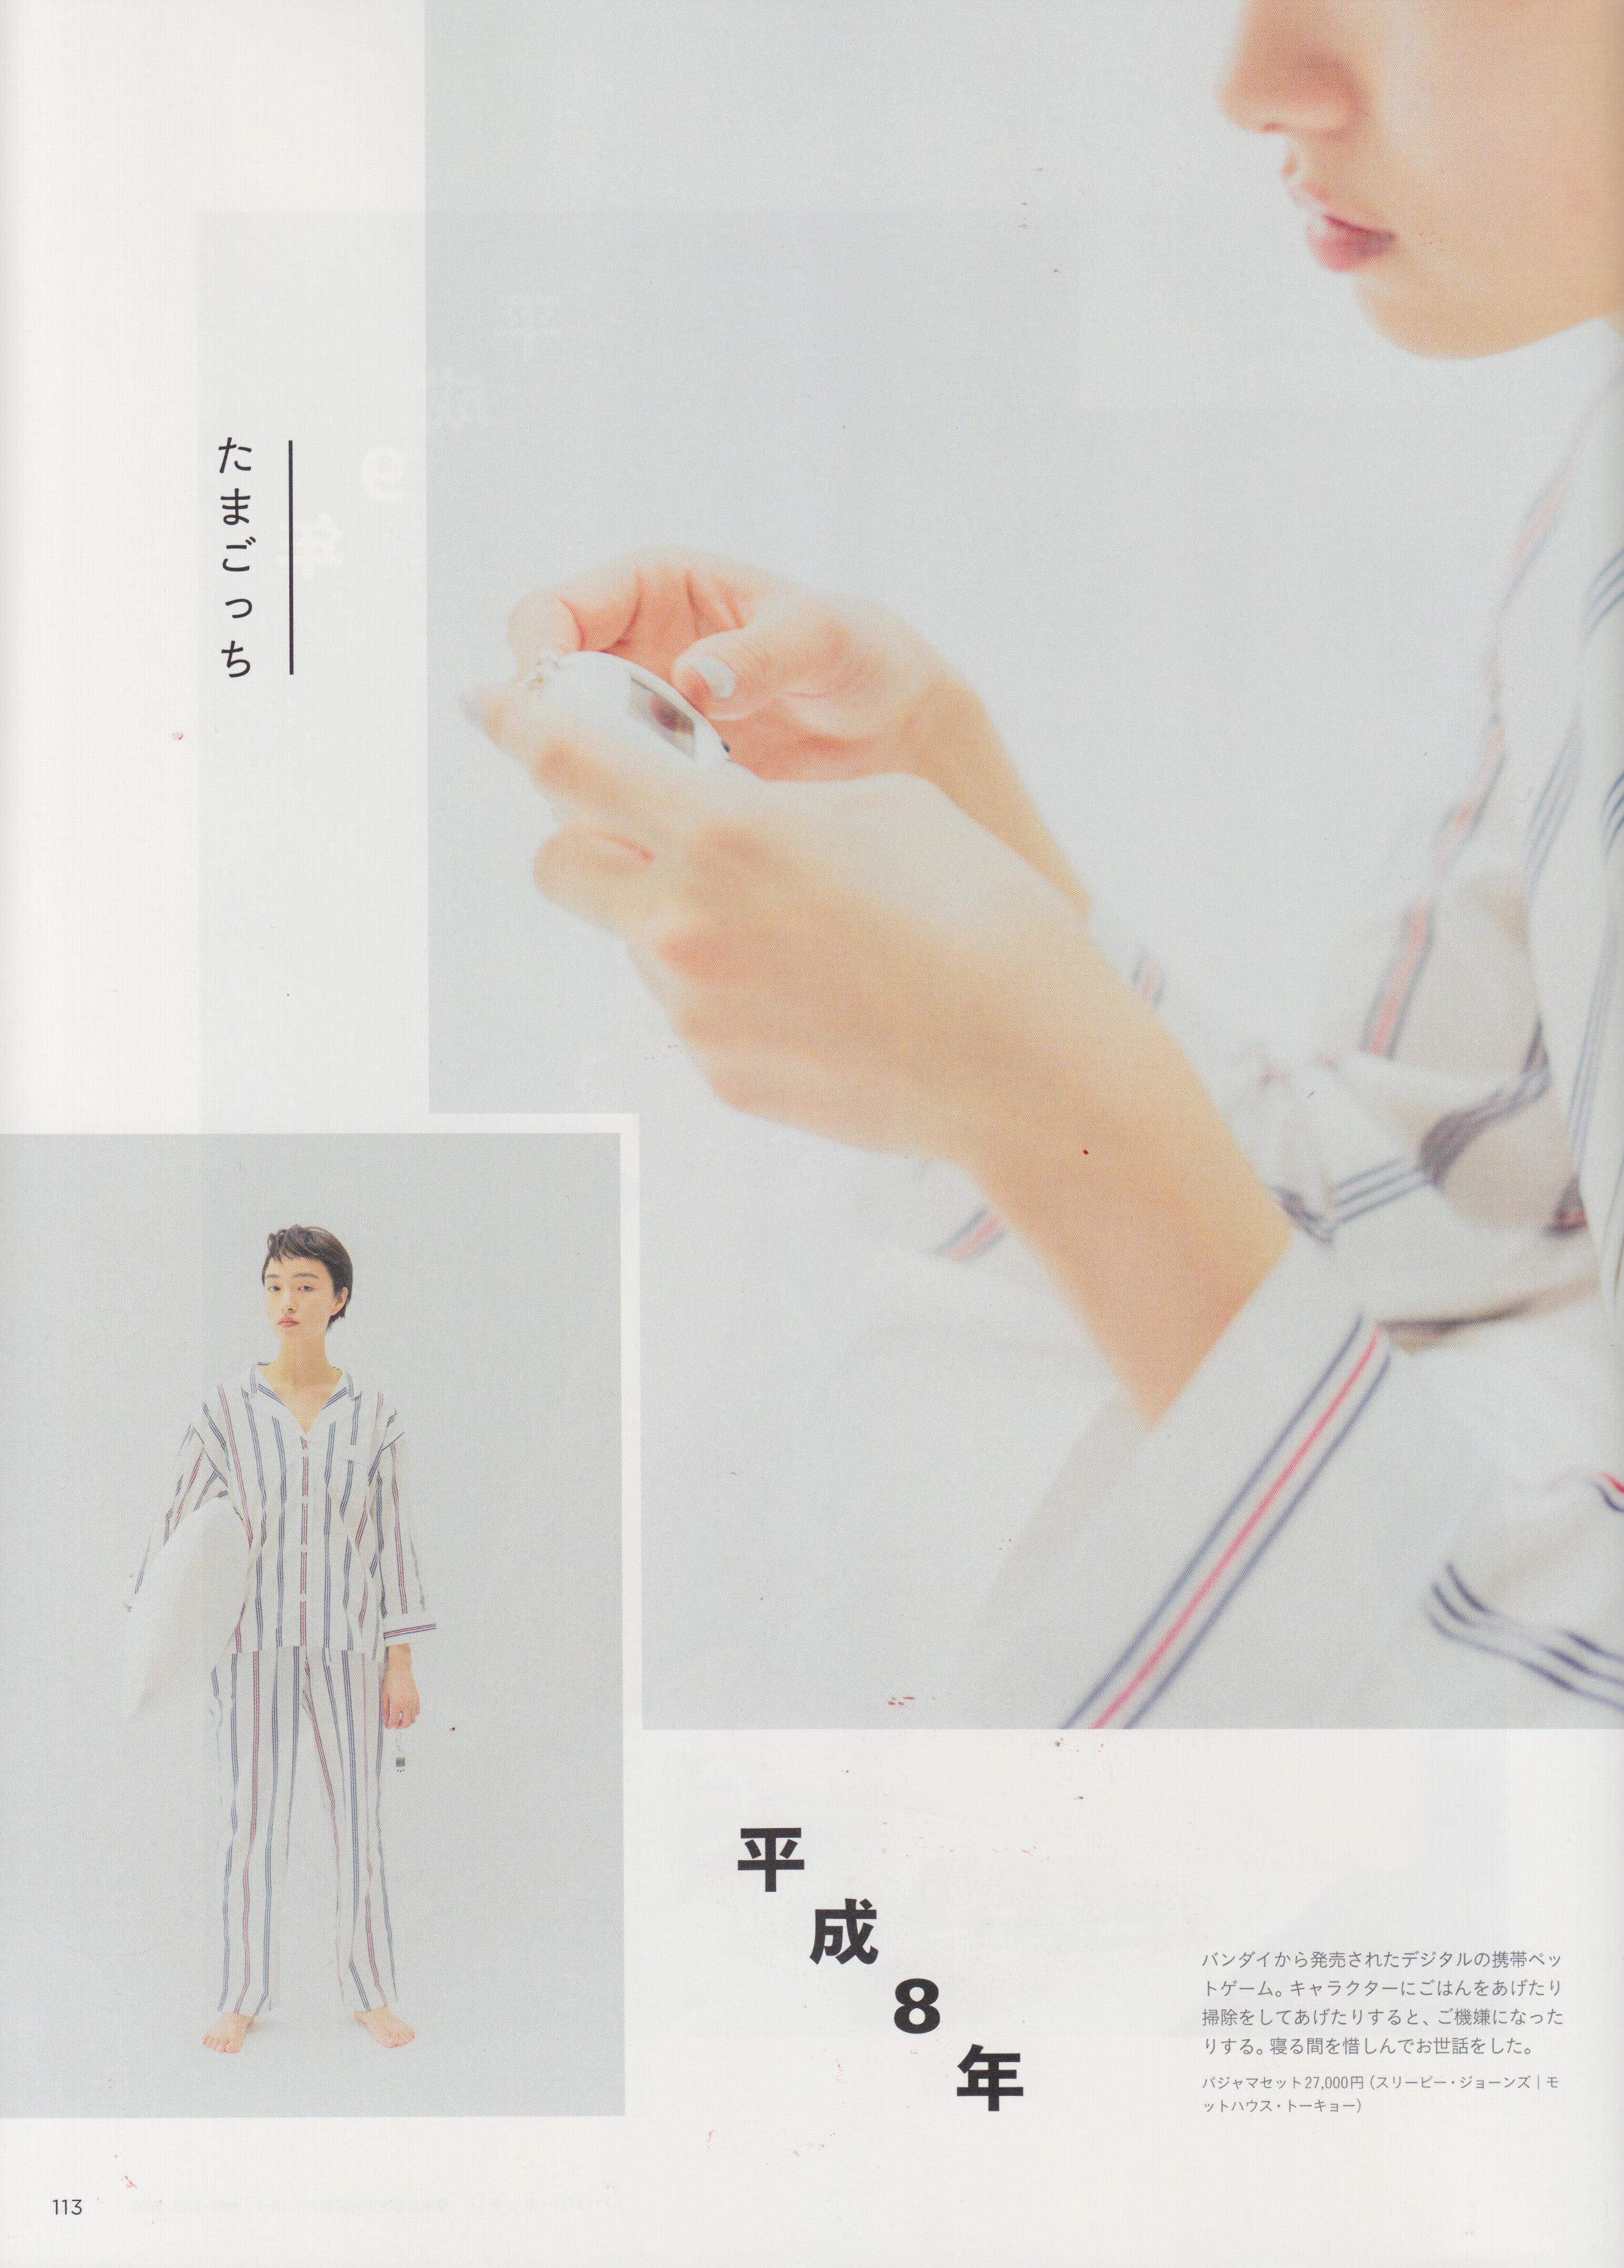 May 2019, Hanako